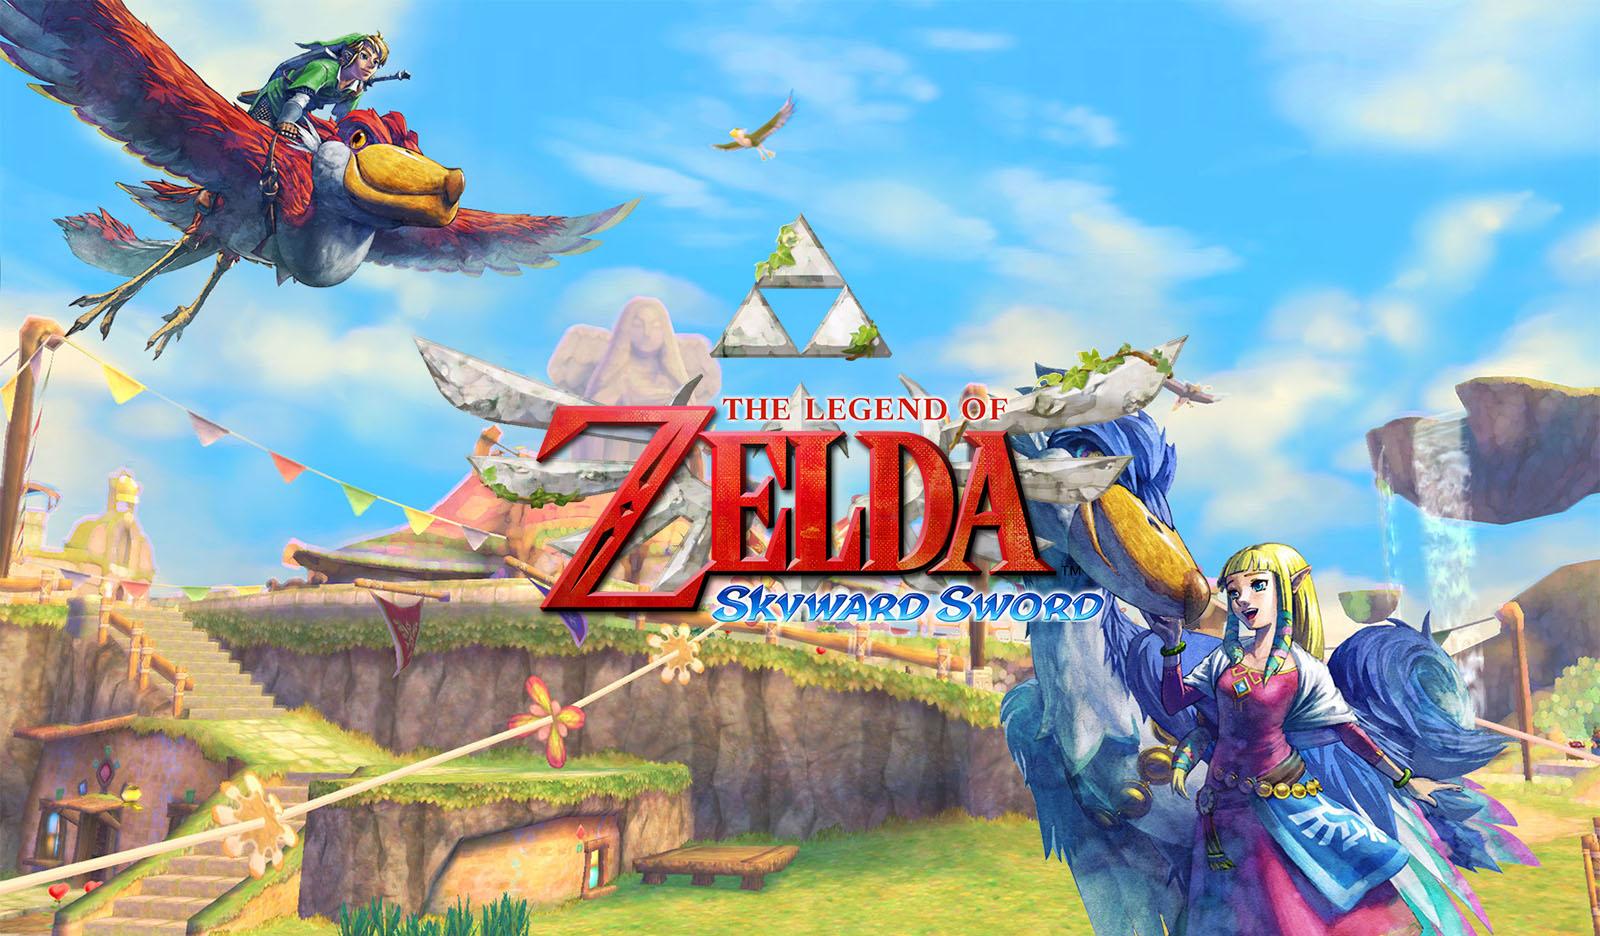 Guide et soluce de l'histoire principale de The Legend of Zelda: Skyward Sword